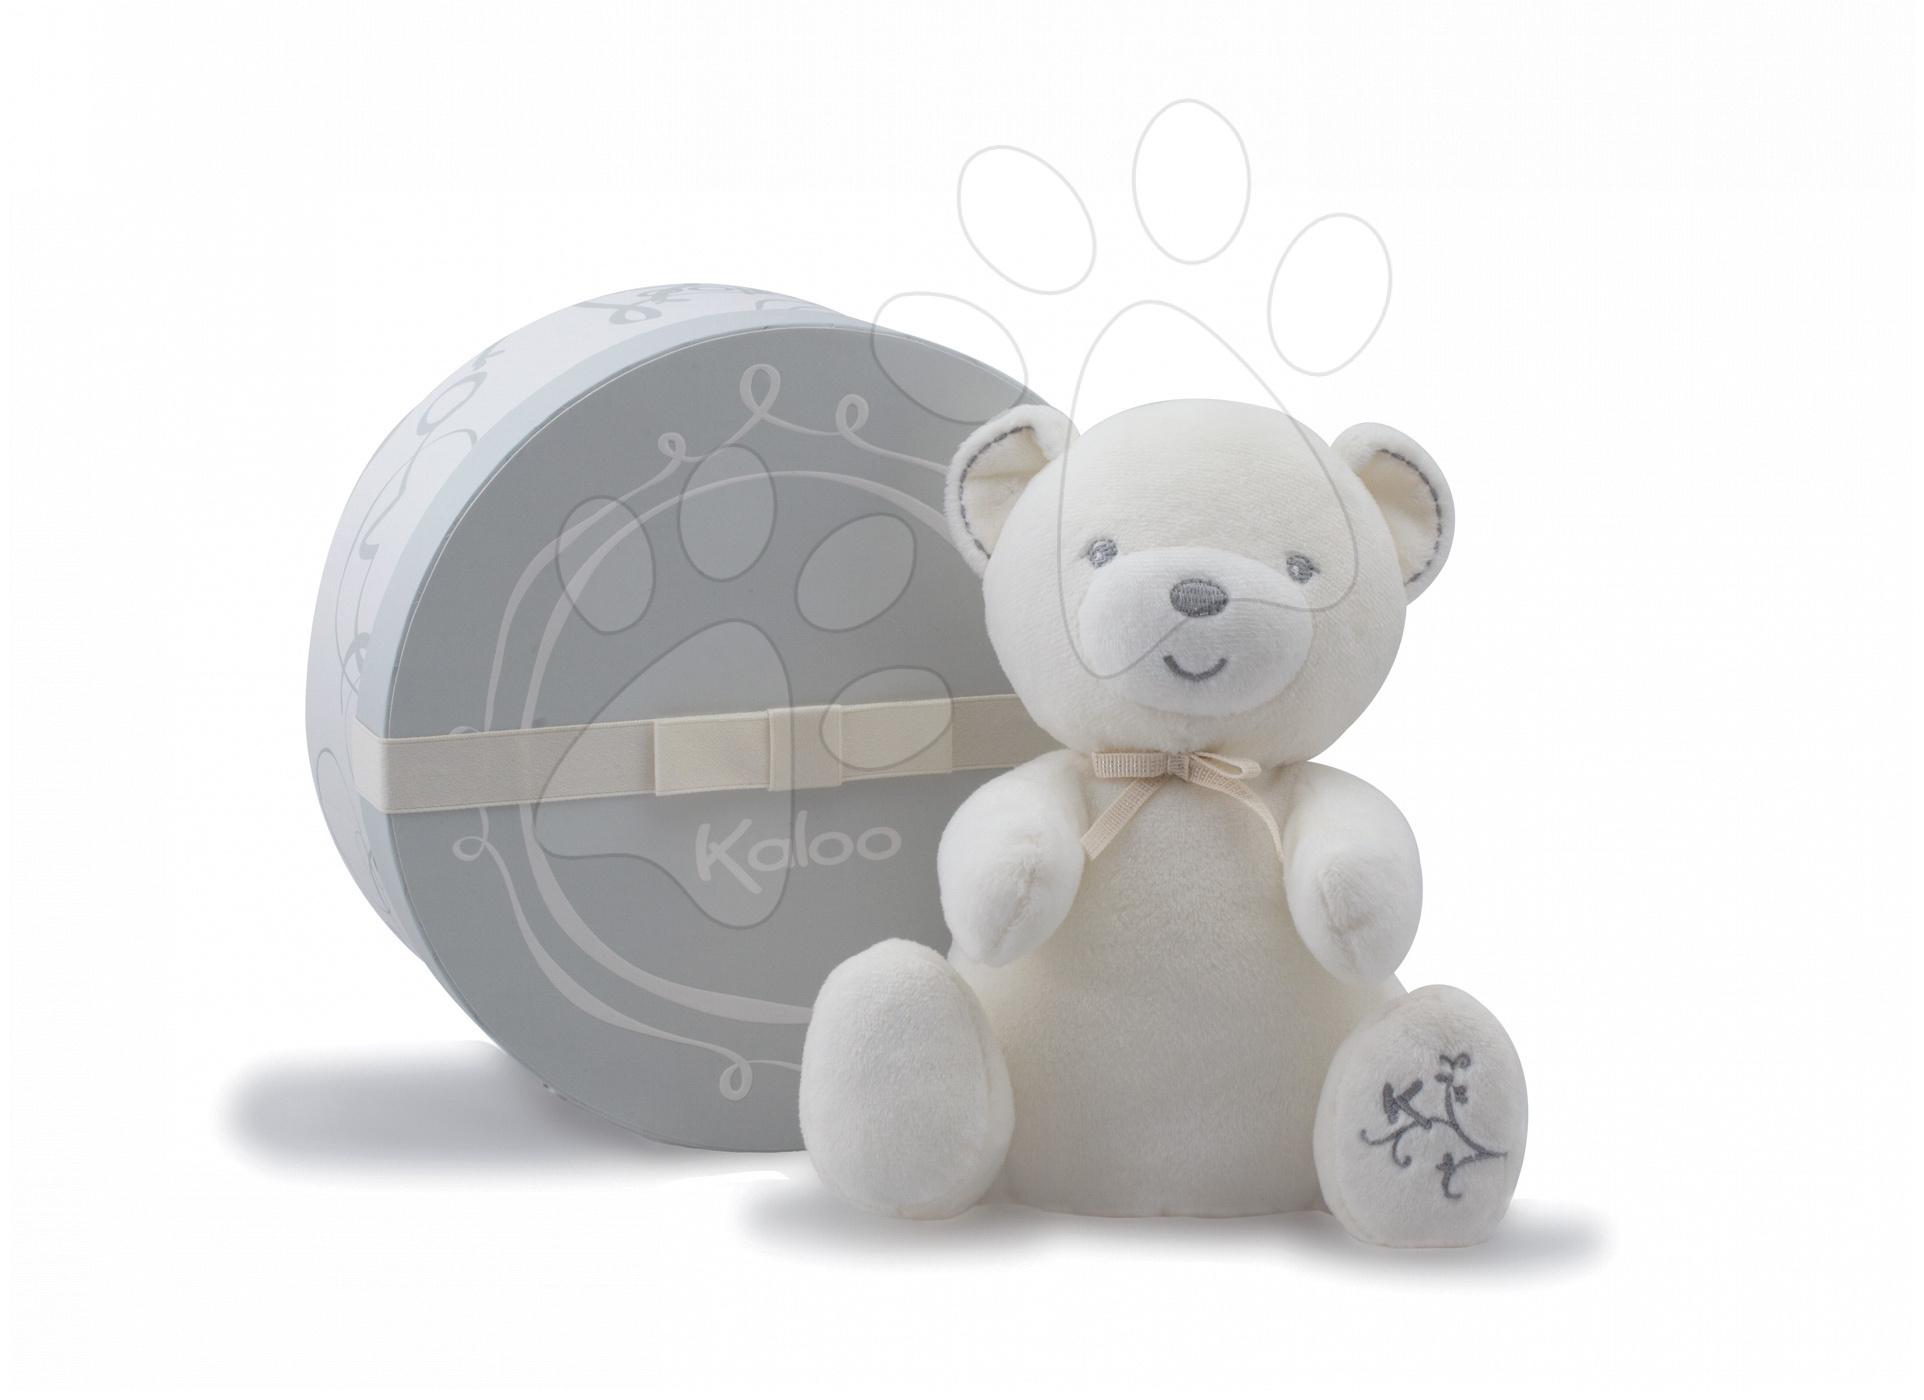 Plyšový medvídek Perle-Musical Baby Doudou Kaloo zpívající 25 cm v dárkovém balení pro nejmenší krémový